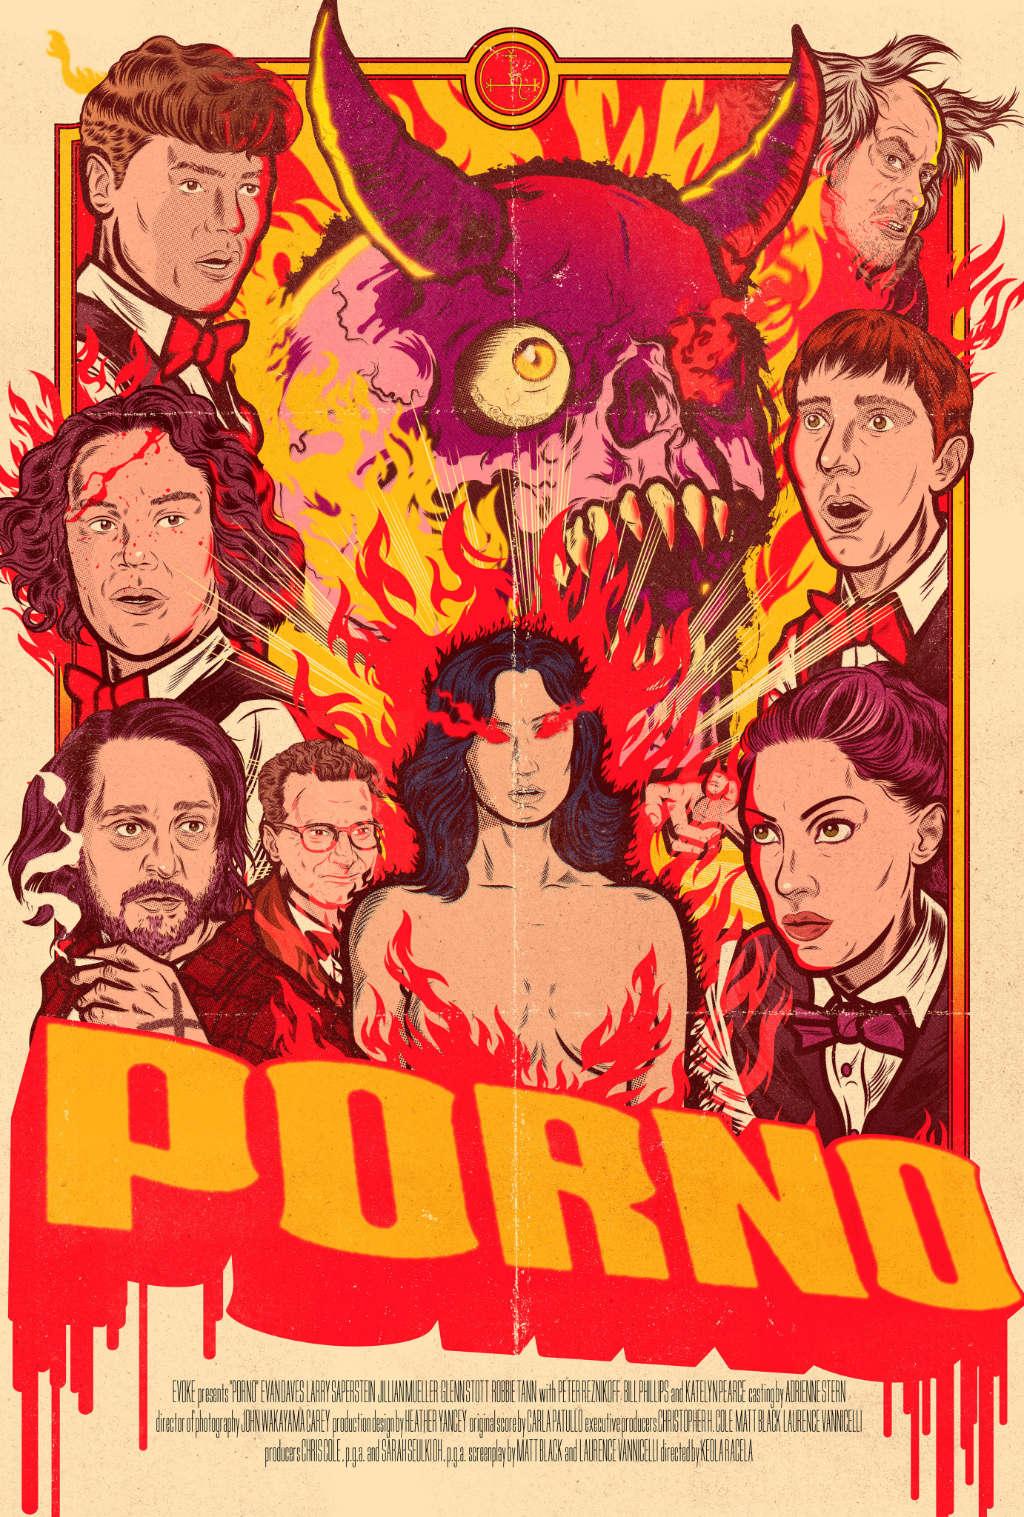 Porno cover